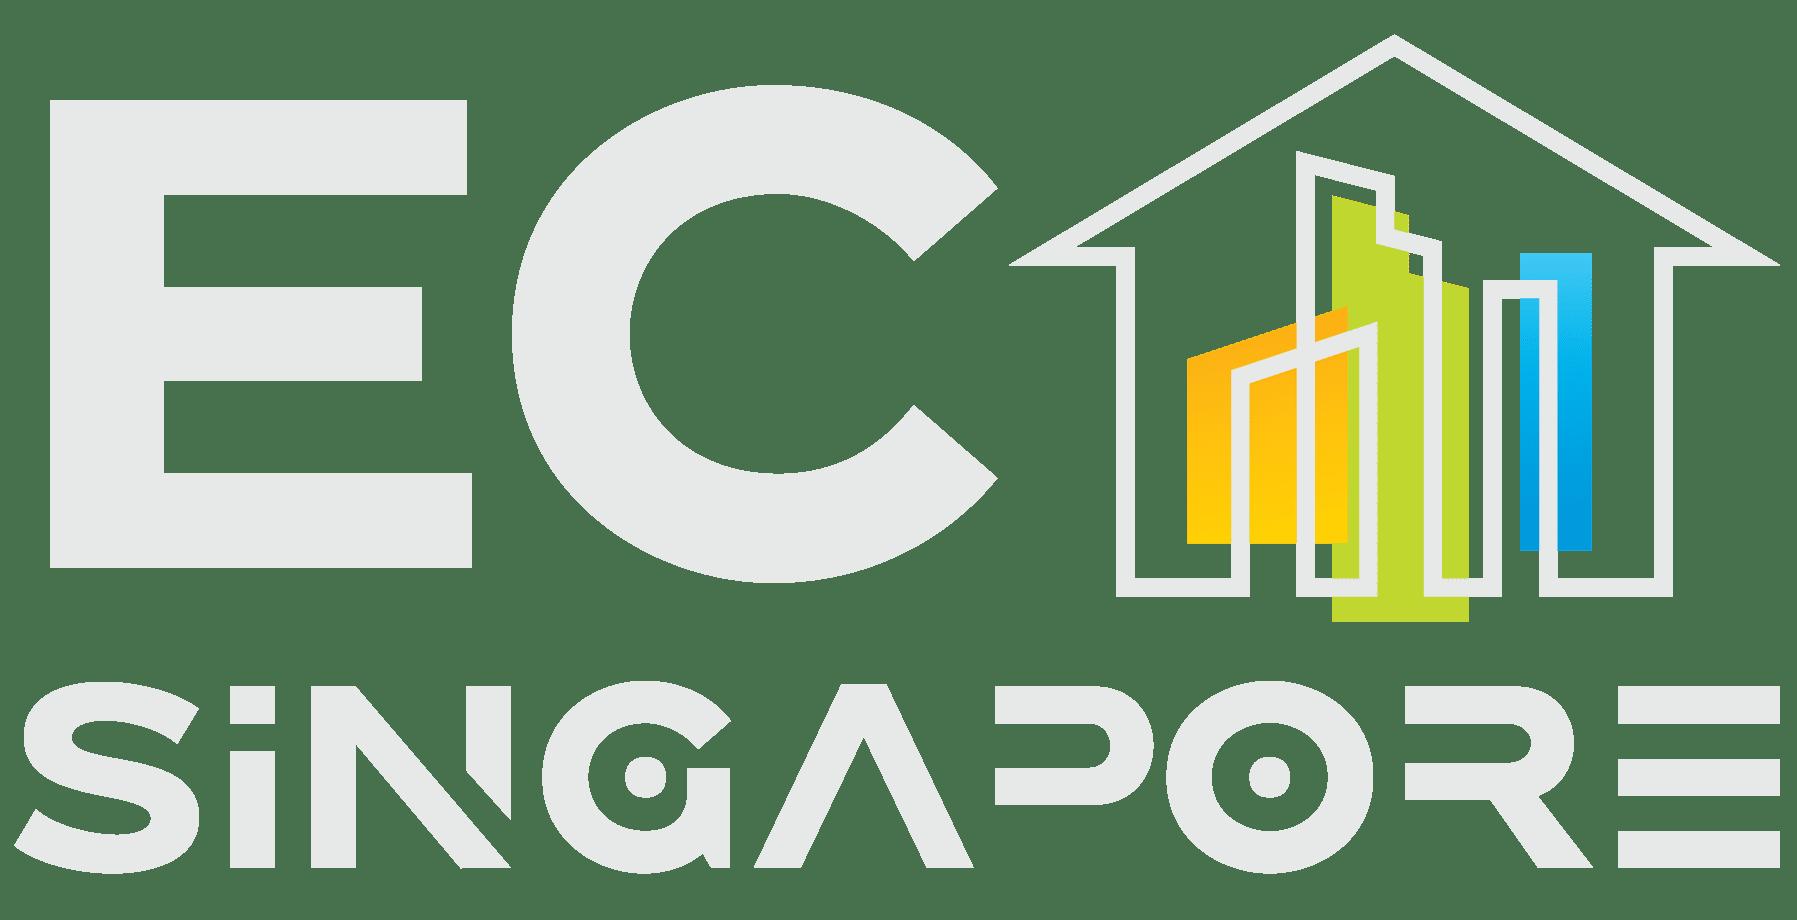 ExecutiveCondominiumSingapore Logo